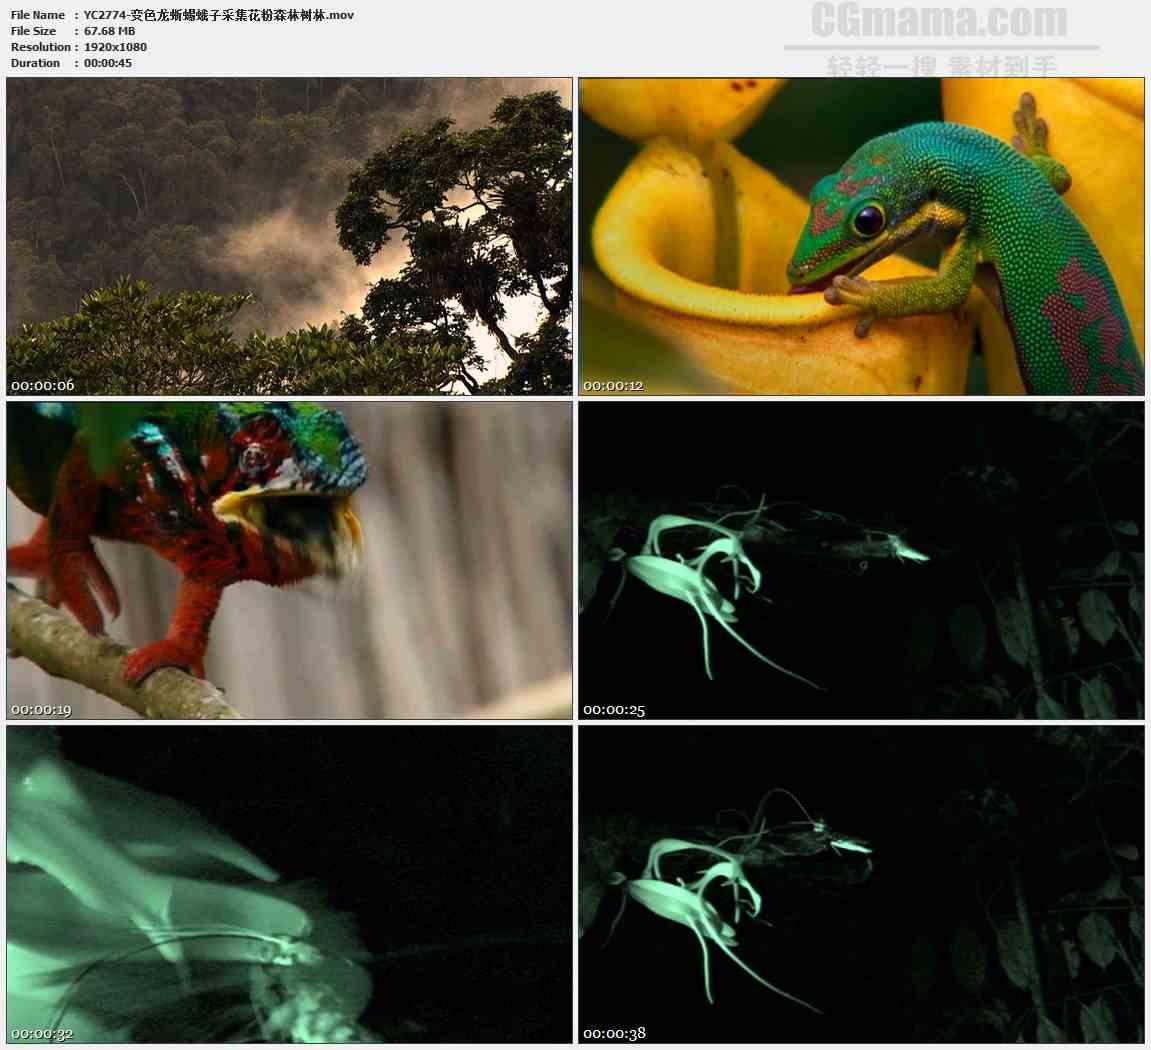 YC2774-变色龙蜥蜴蛾子采集花粉森林树林高清实拍视频素材